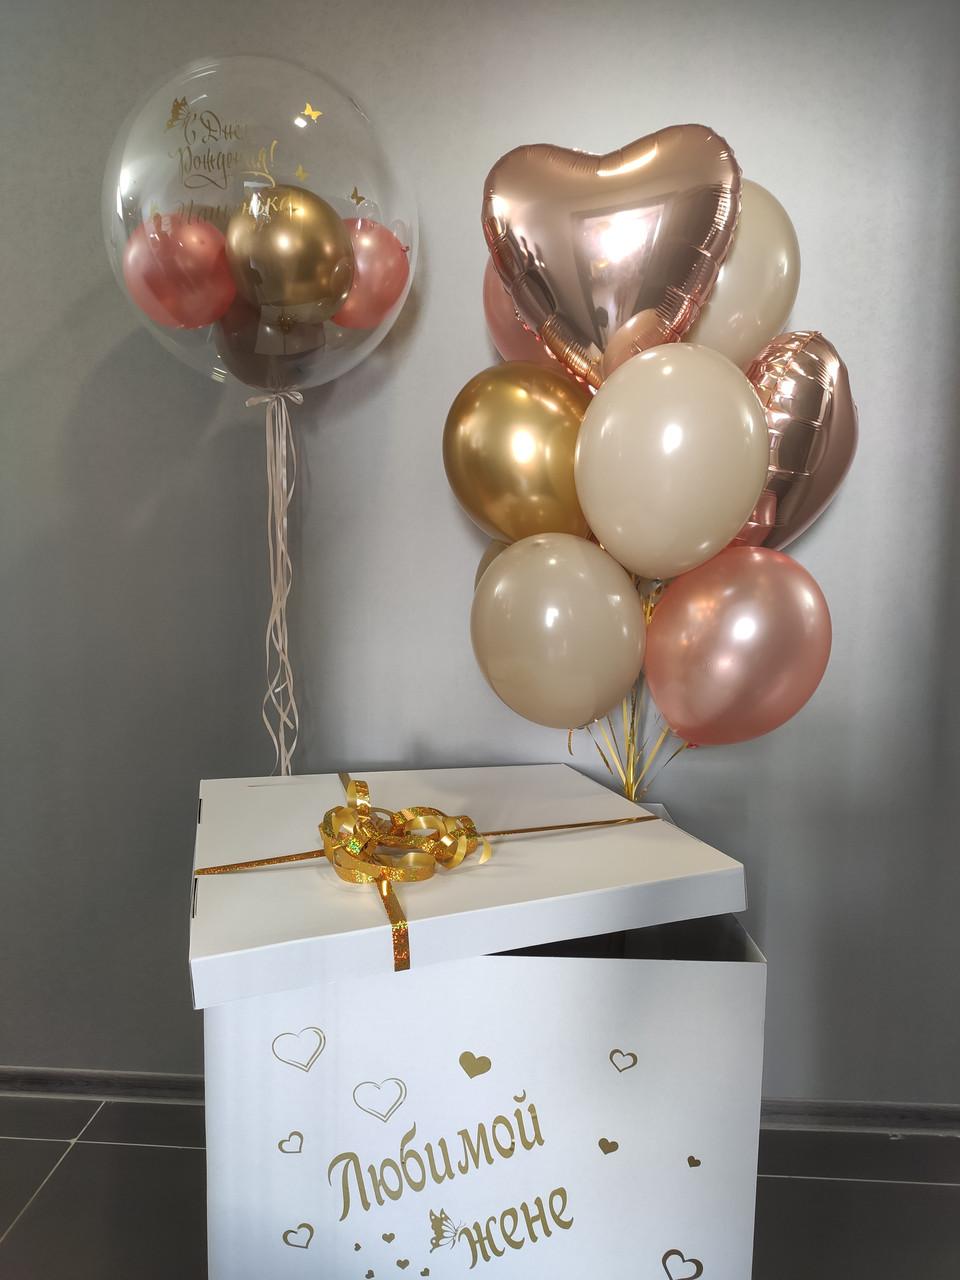 Коробка сюрприз з кулями і баблз з написом